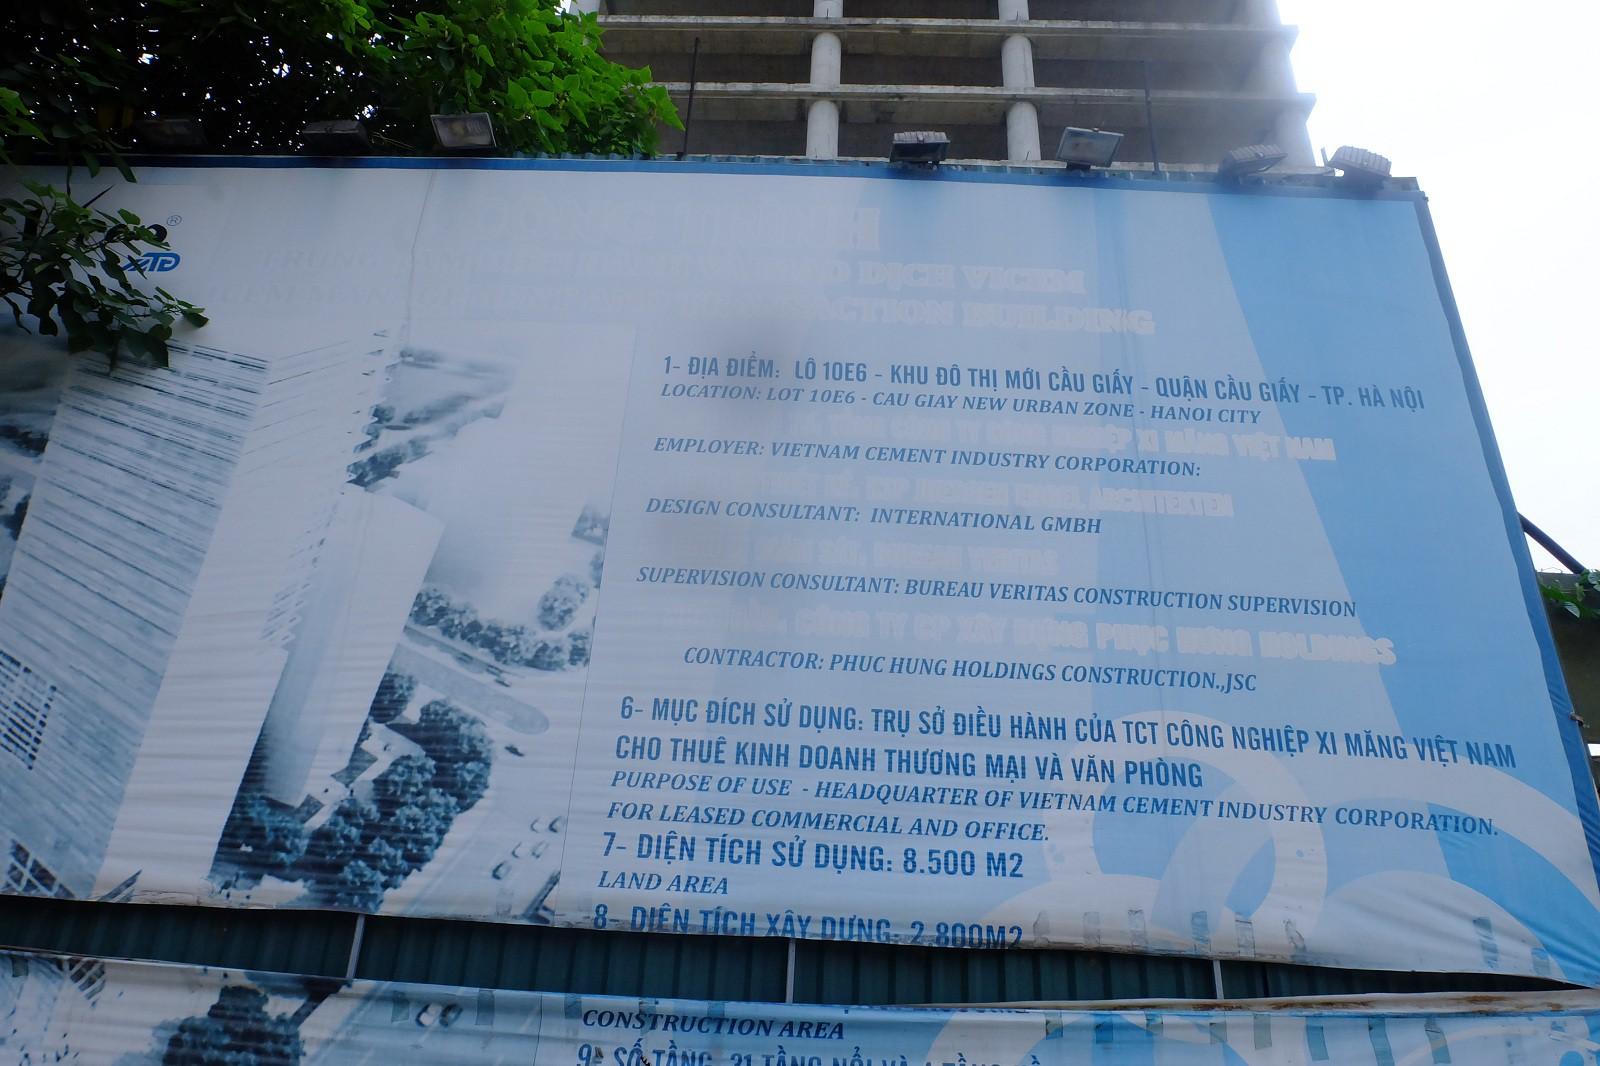 Cận cảnh tòa tháp nghìn tỉ bỏ hoang của Vicem đang tìm chủ mới - Ảnh 5.